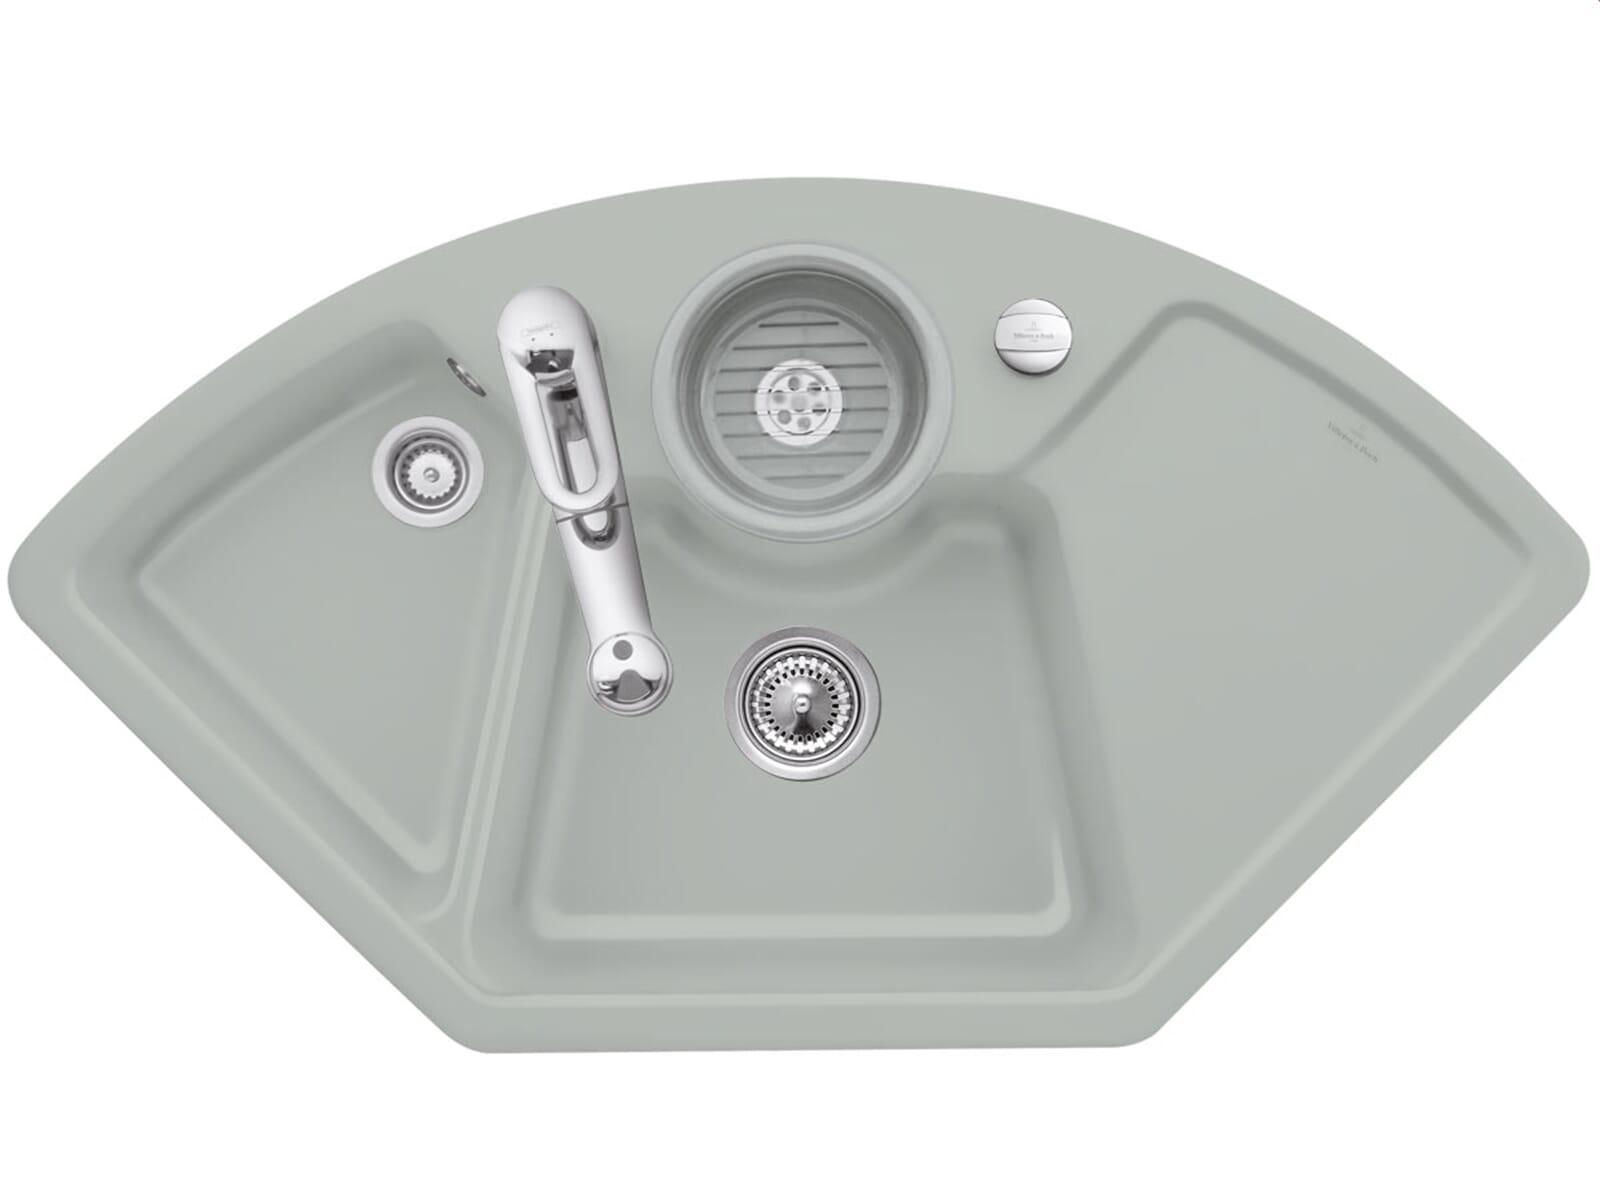 Villeroy & Boch Solo Eck Fossil - 6708 02 KD Keramikspüle Exzenterbetätigung